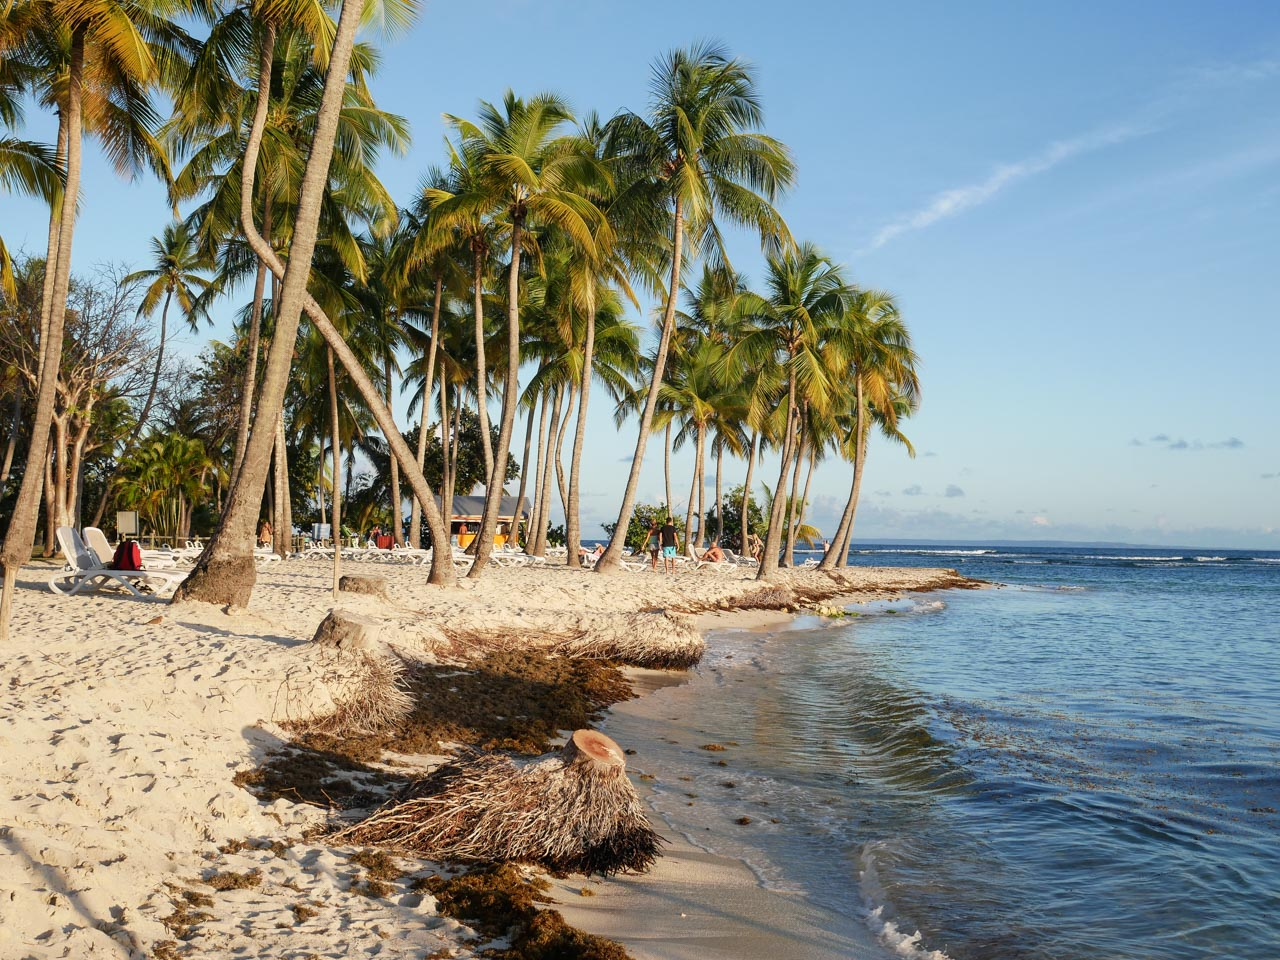 Profiter de la plage pendant un voyage aux Antilles